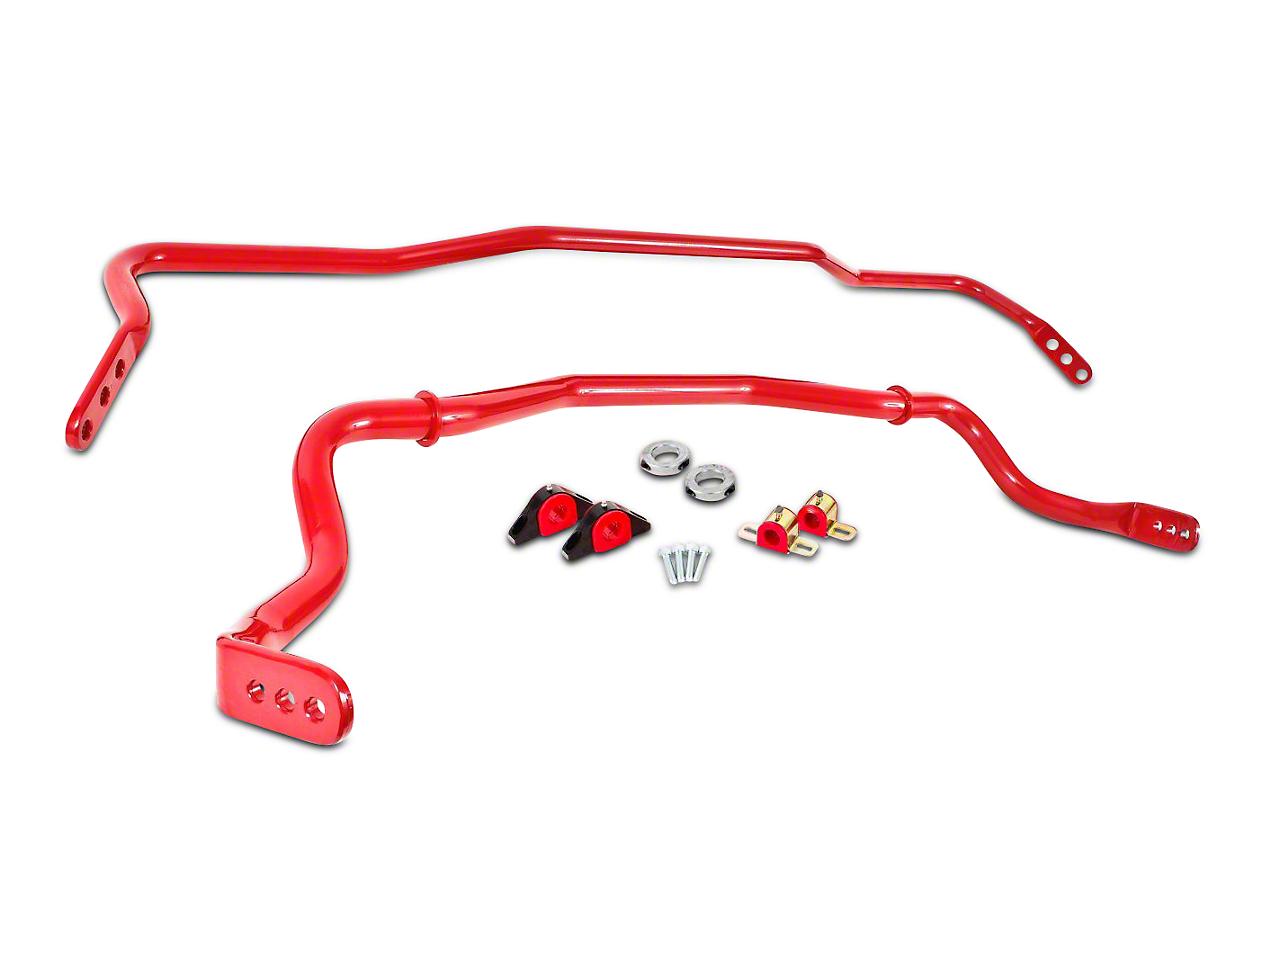 BMR Adjustable Sway Bar Kit - Red (15-17 All)